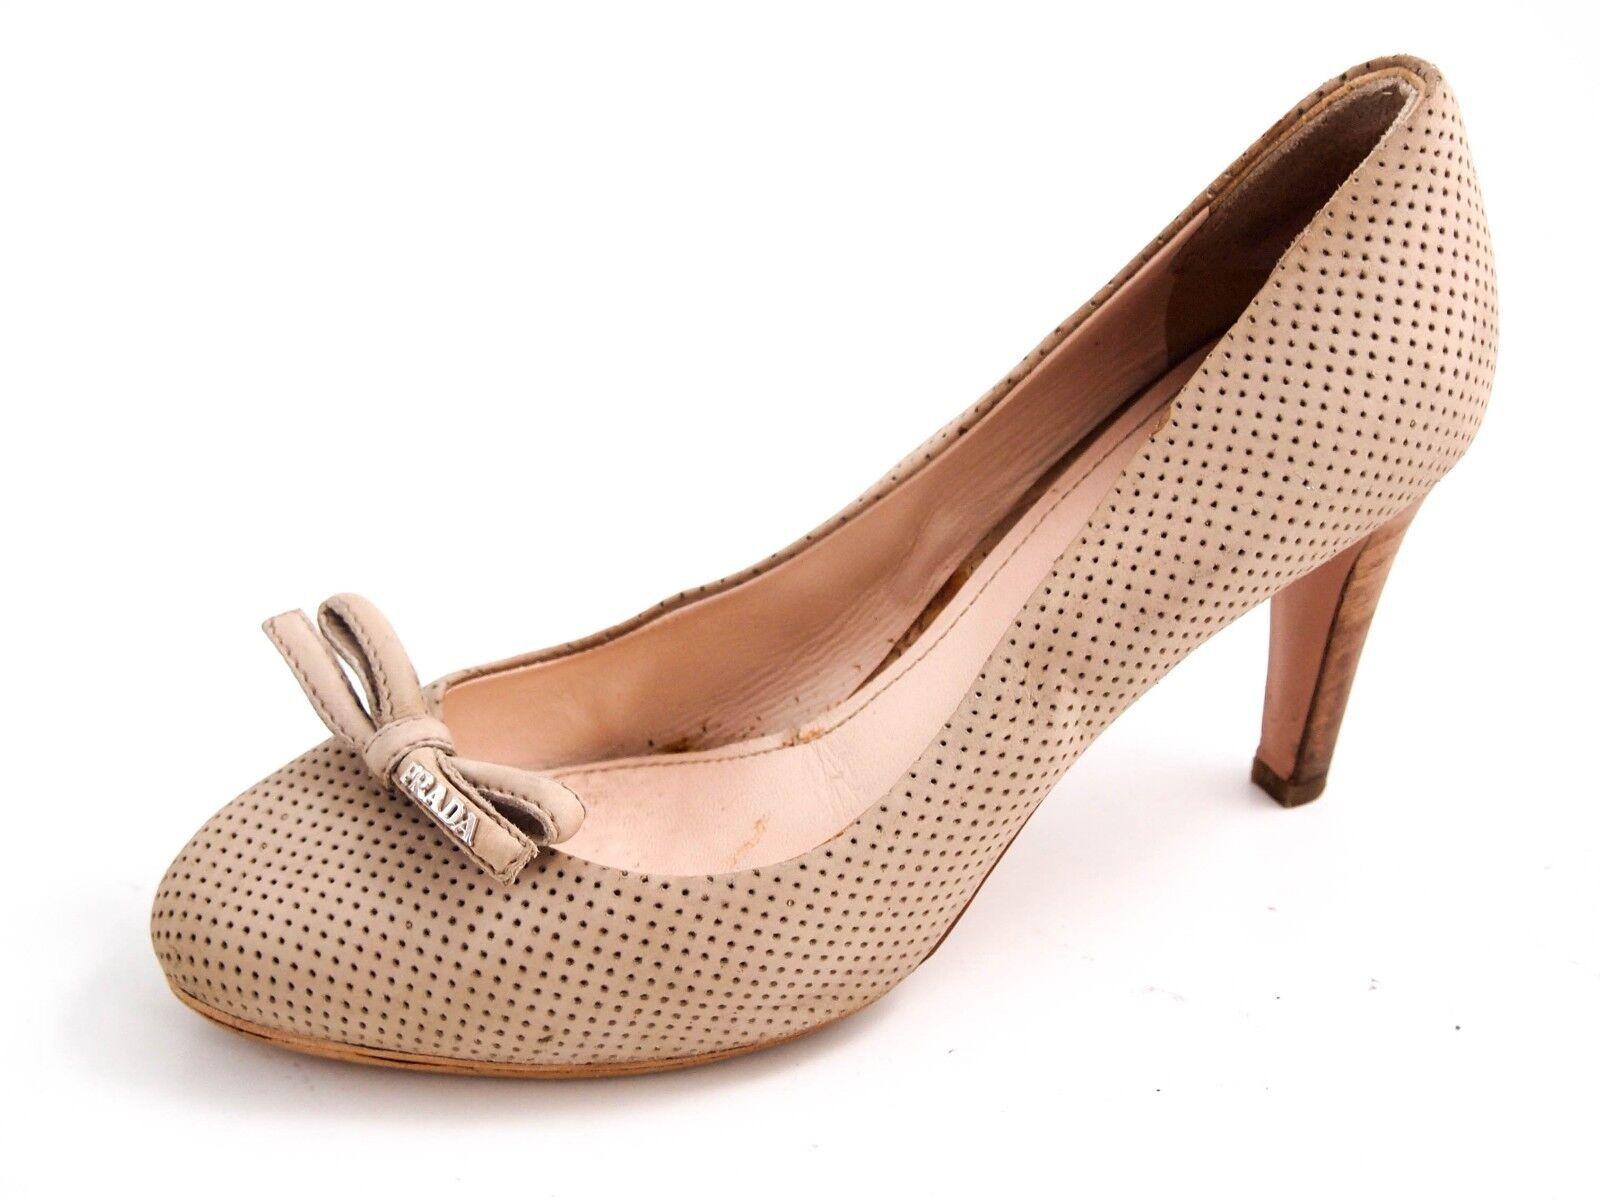 Prada Tacón Alto Zapatos de de de salón, Beige Cuero Perforado, mujeres tamaño nos 8.5 EU 38.5  670  primera vez respuesta